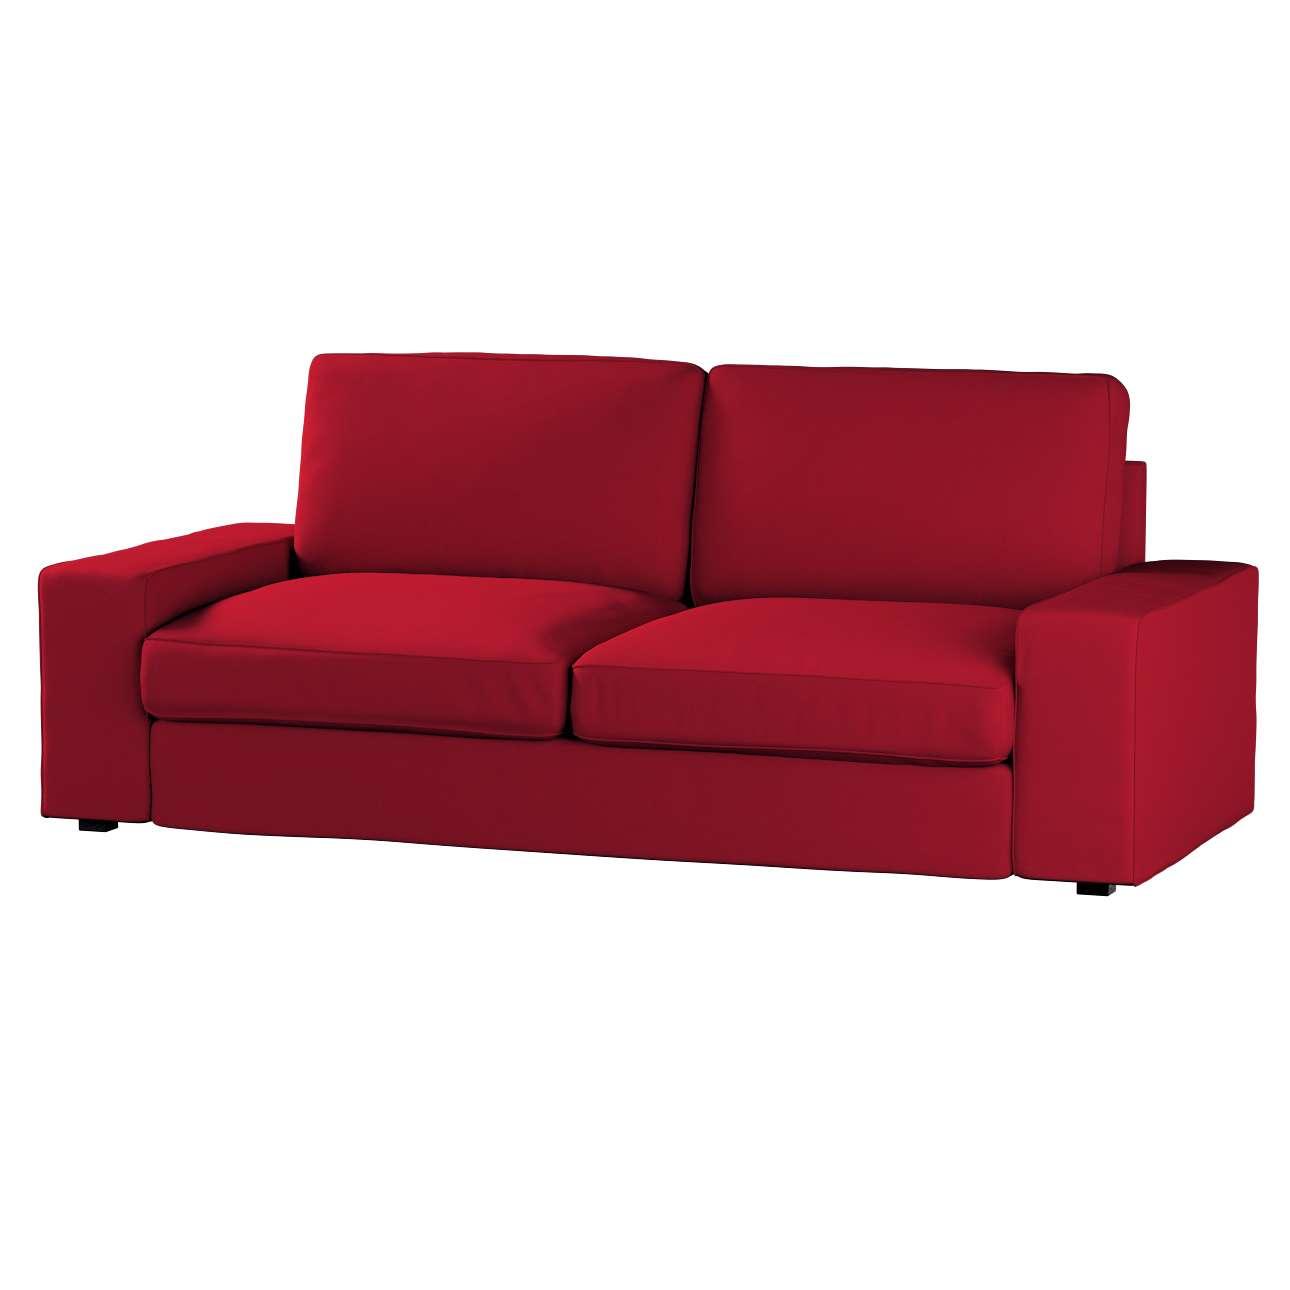 Pokrowiec na sofę Kivik 3-osobową, rozkładaną Sofa Kivik 3-osobowa rozkładana w kolekcji Etna , tkanina: 705-60